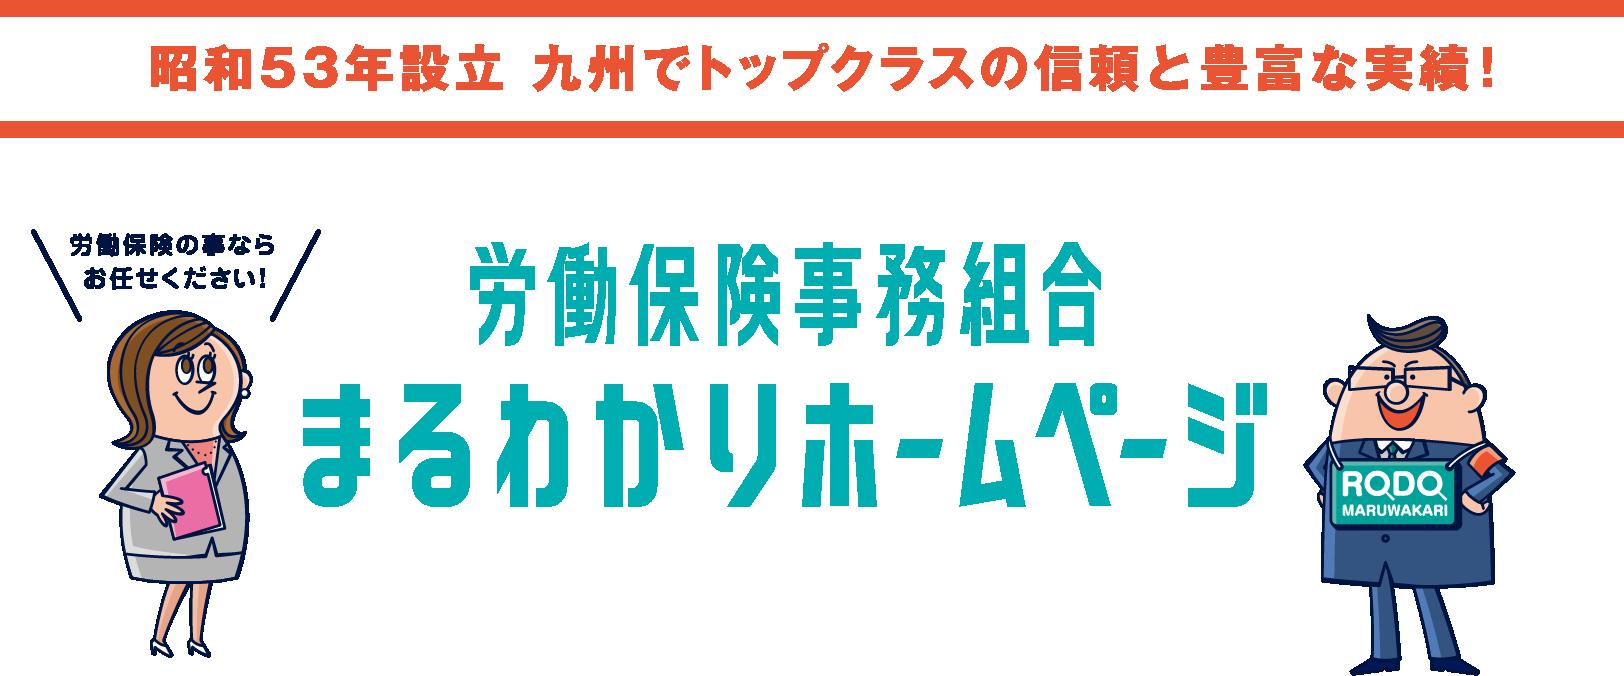 昭和53年創業 九州でトップクラスの信頼と豊富な実績!労働保険事務組合まるわかりホームページ